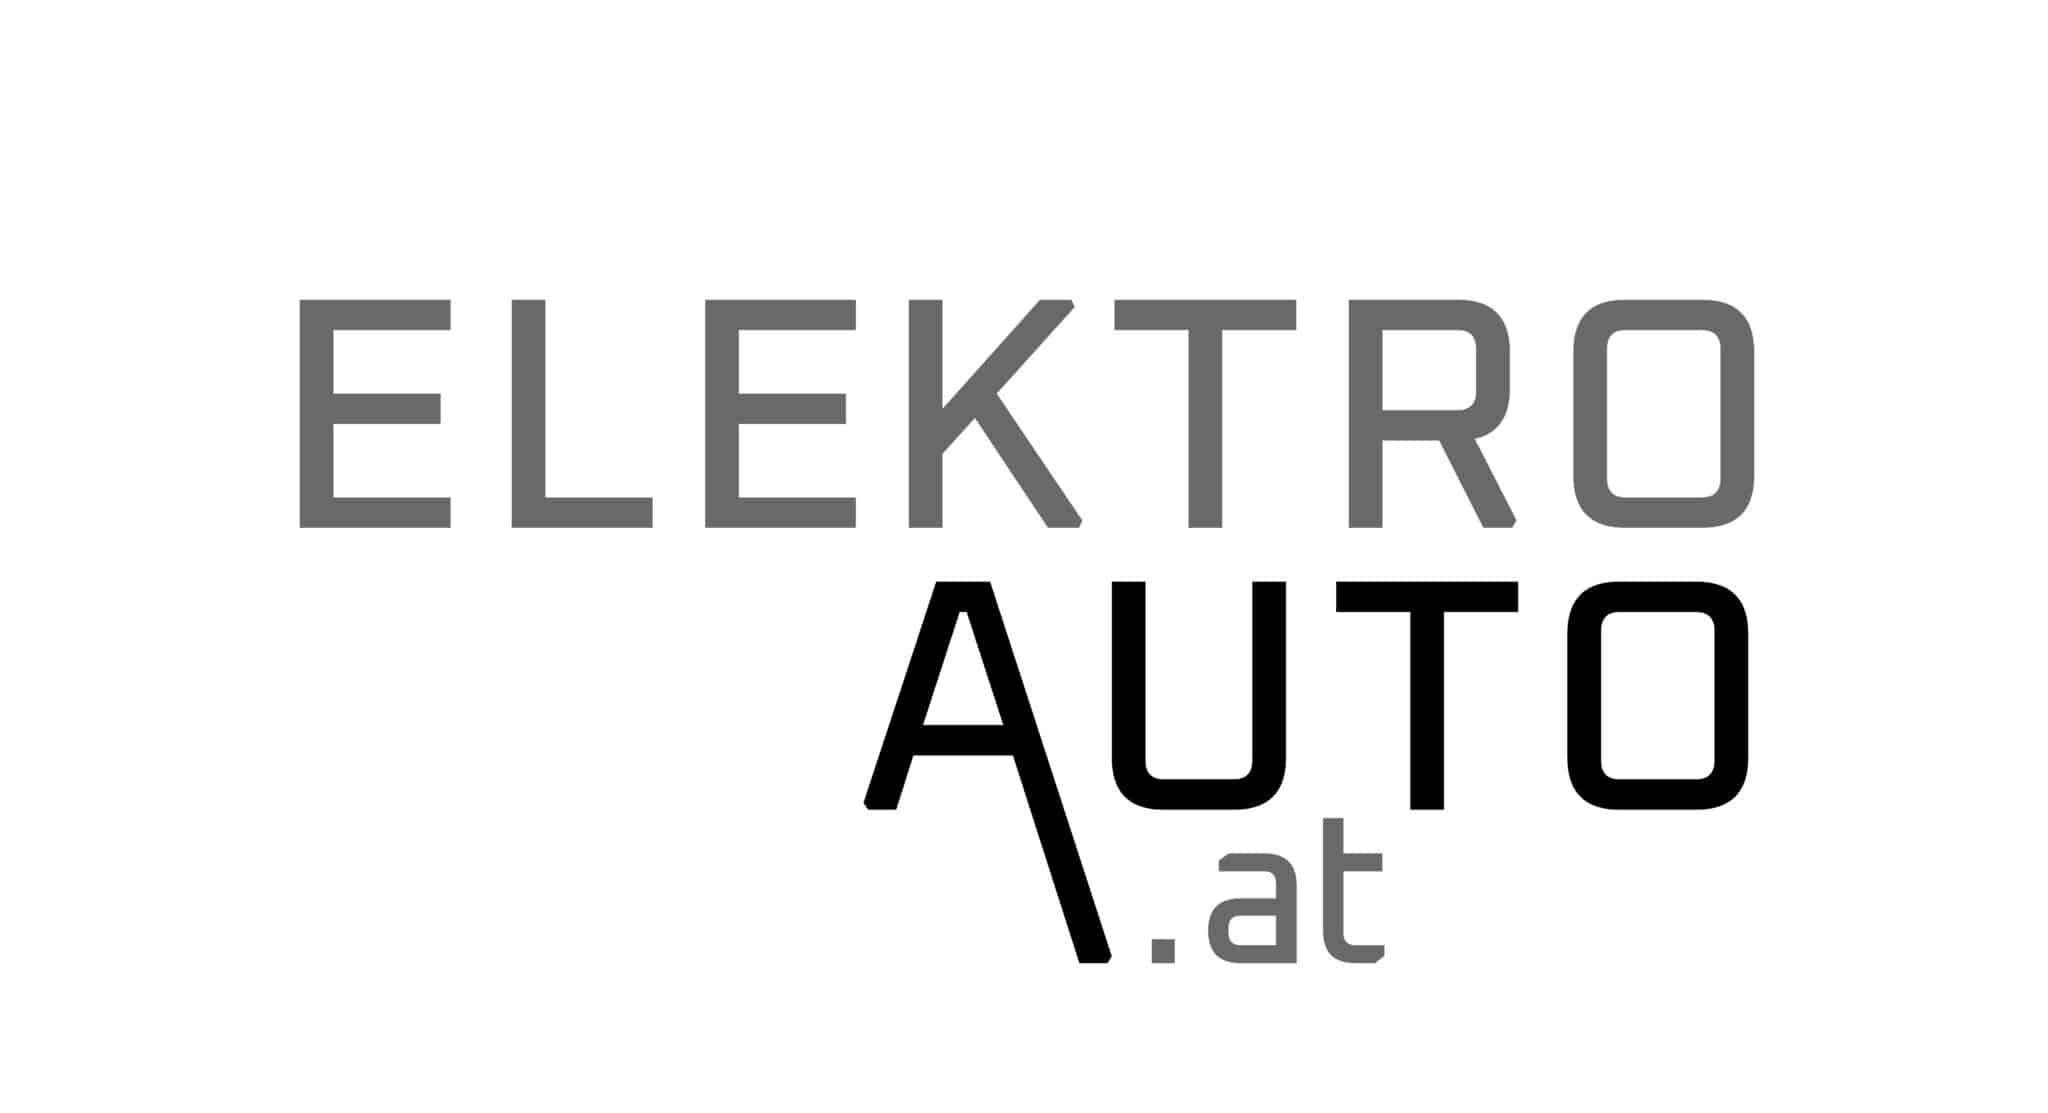 elektroauto.at präsentiert neue Homepage und lockt mit attraktiven Angeboten | Logo elektroauto.at  scaled